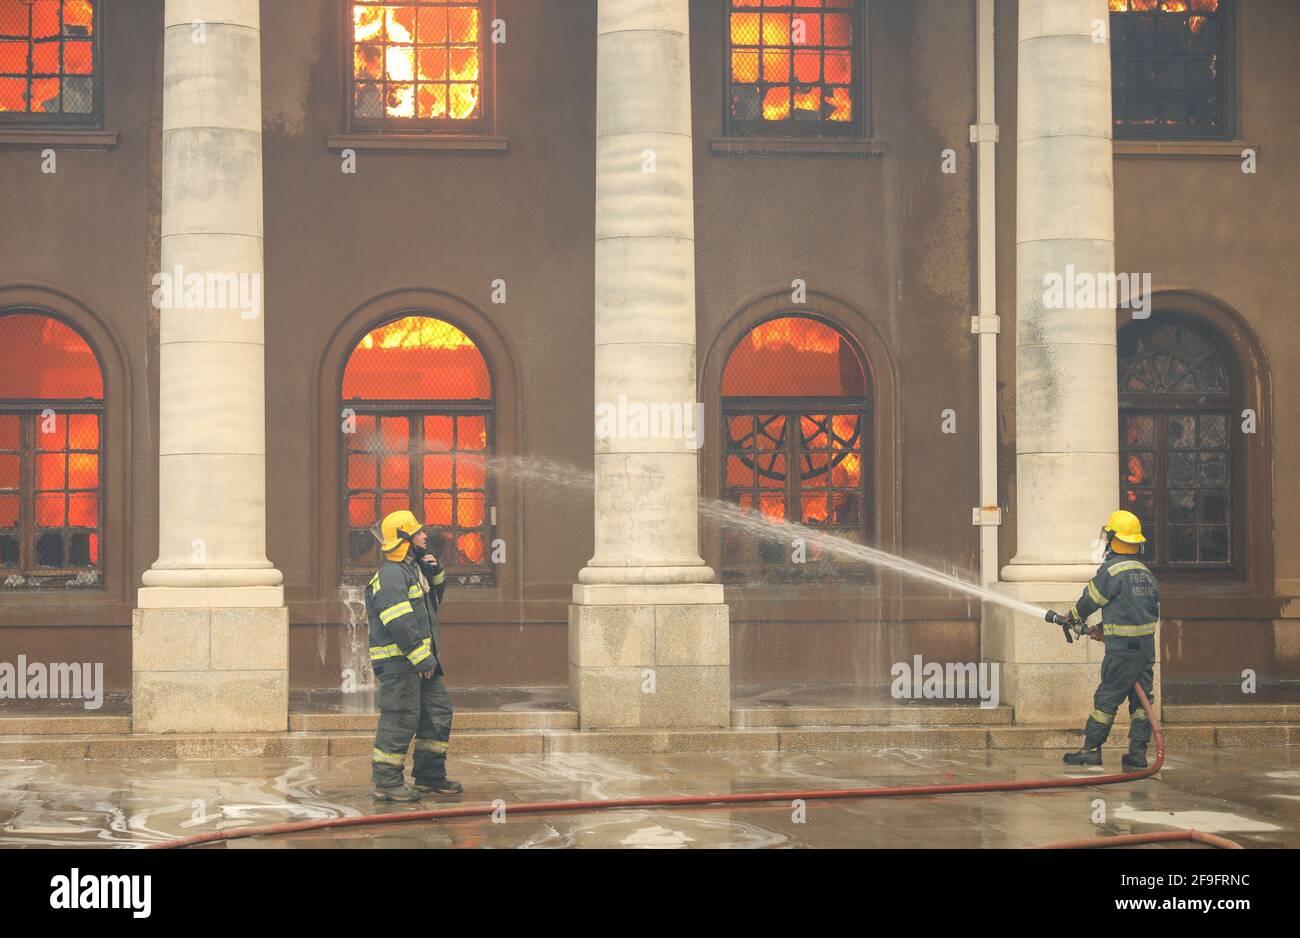 Los bomberos se incendian mientras la biblioteca de la Universidad de Ciudad del Cabo se quema después de que estallara un incendio en las laderas de Table Mountain en Ciudad del Cabo, Sudáfrica, el 18 de abril de 2021. REUTERS/Mike Hutchings Foto de stock